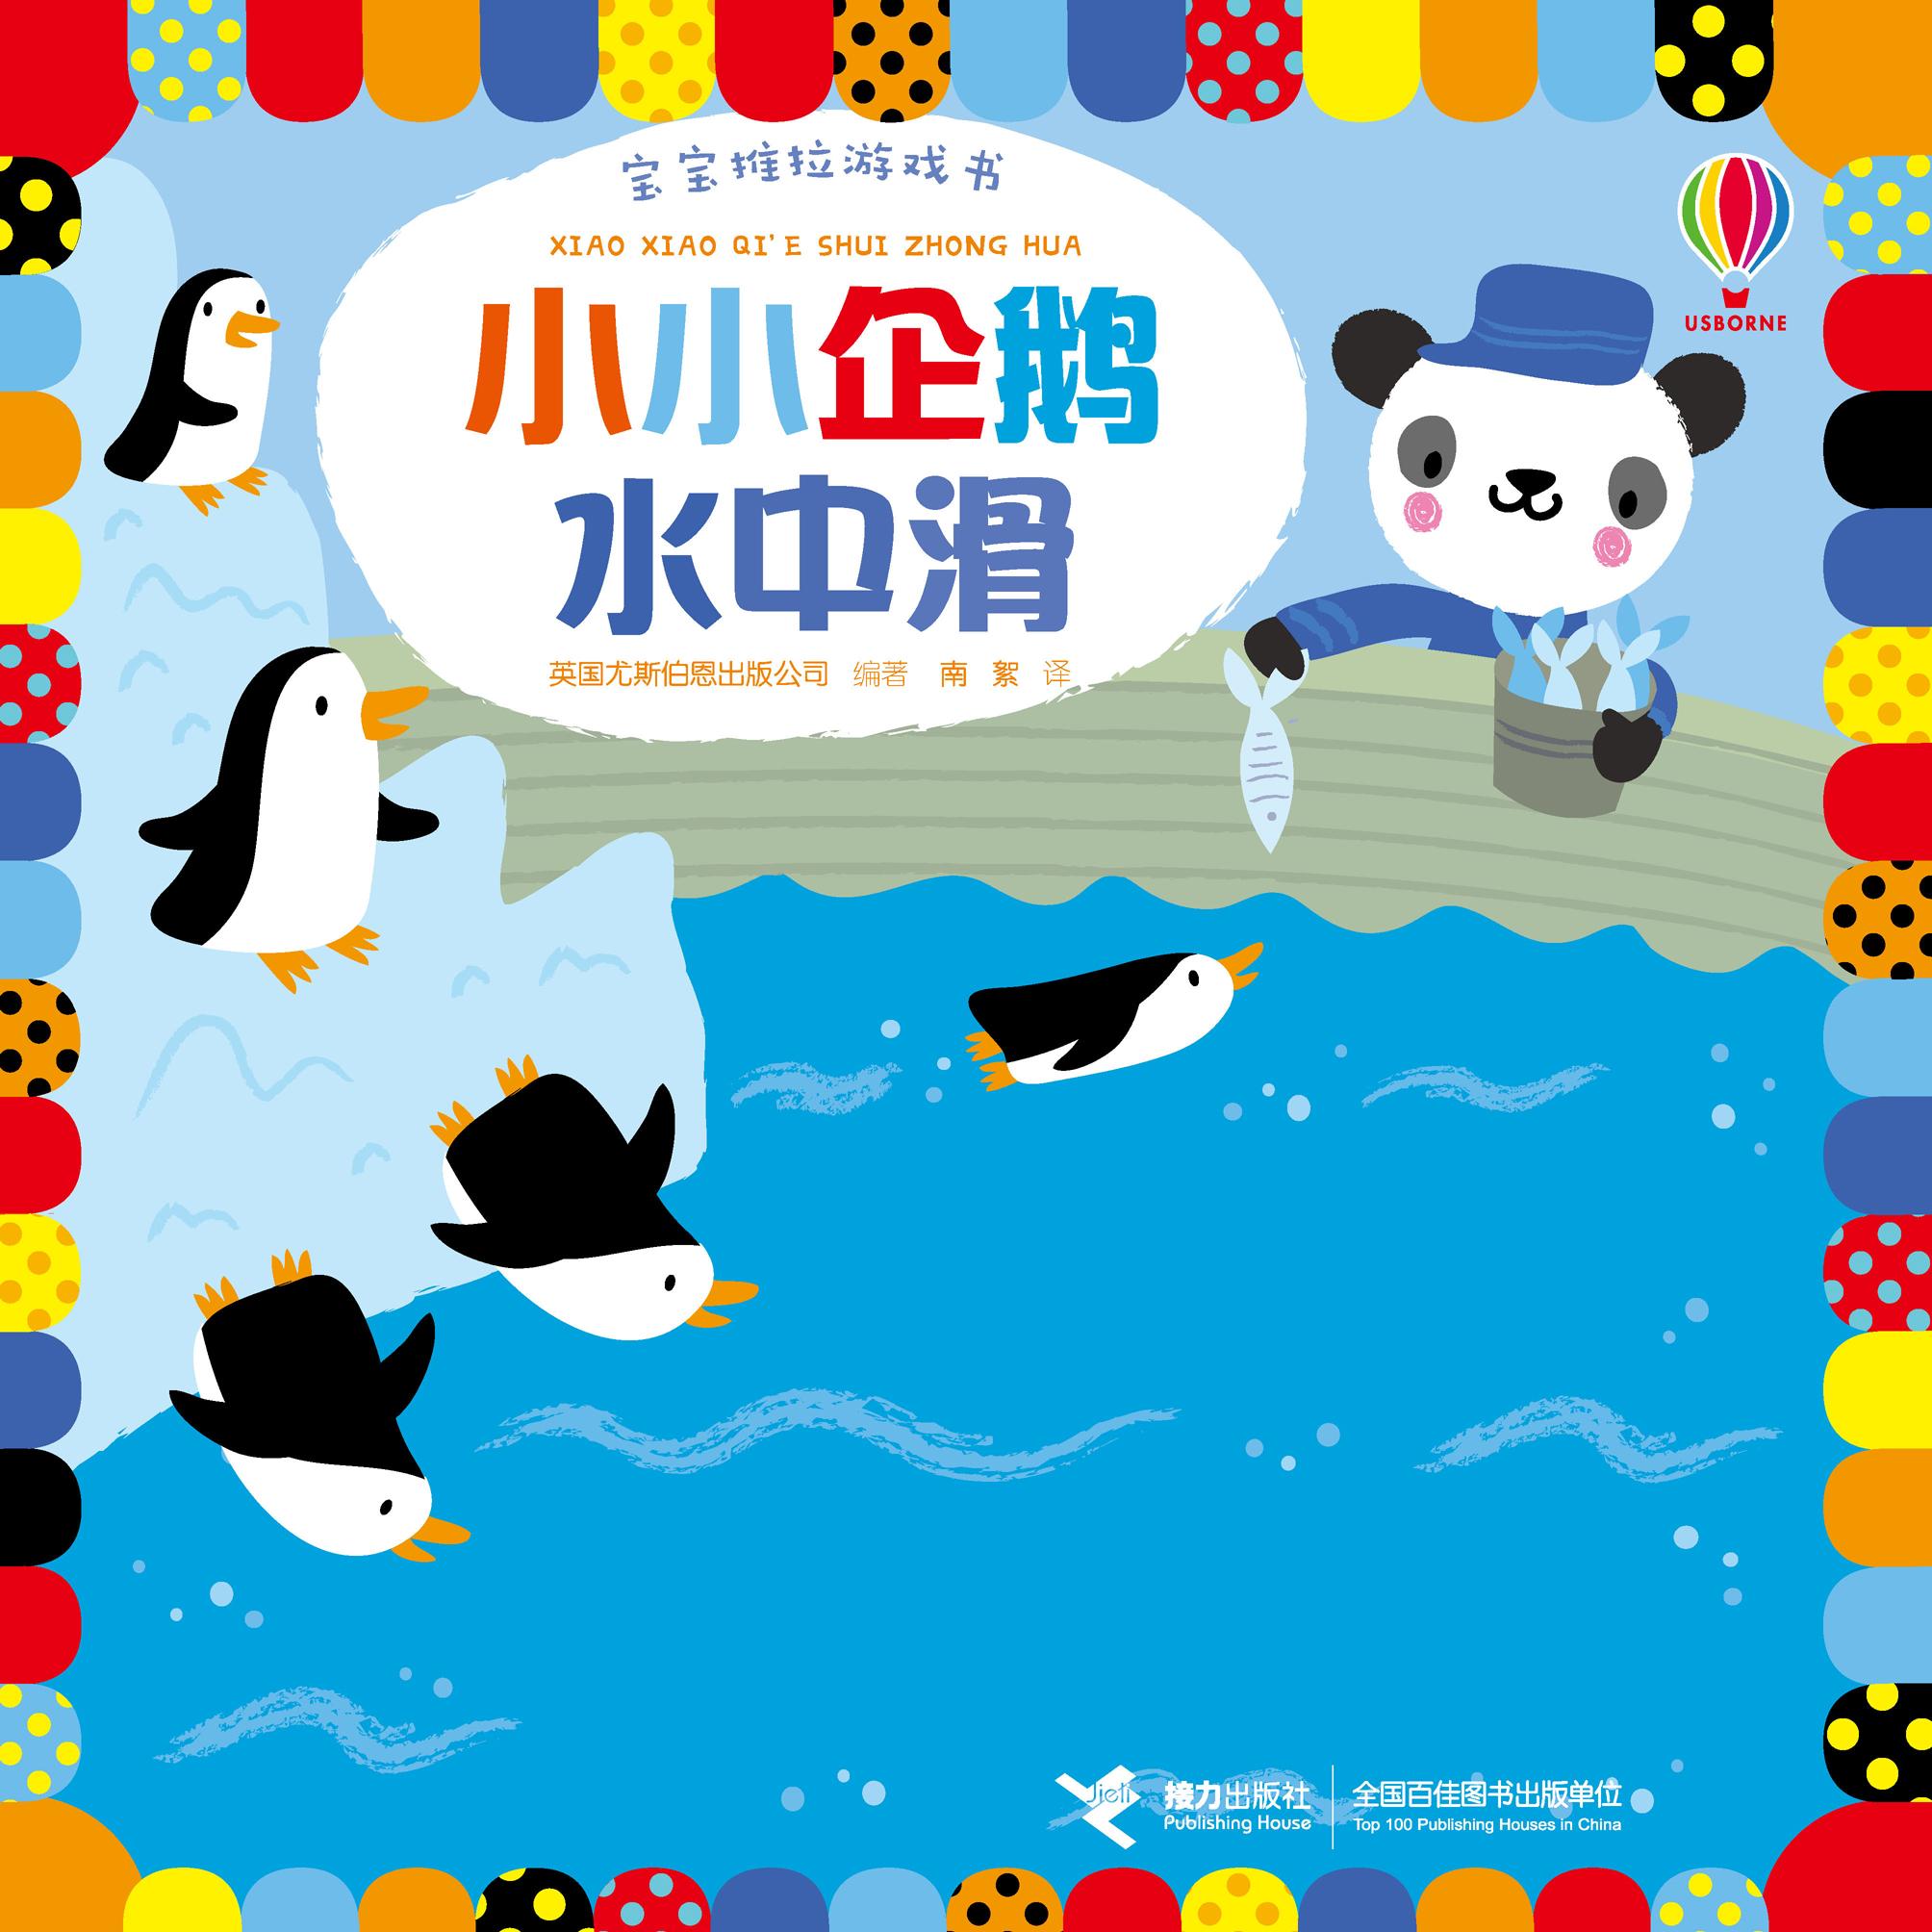 小小企鹅水中滑